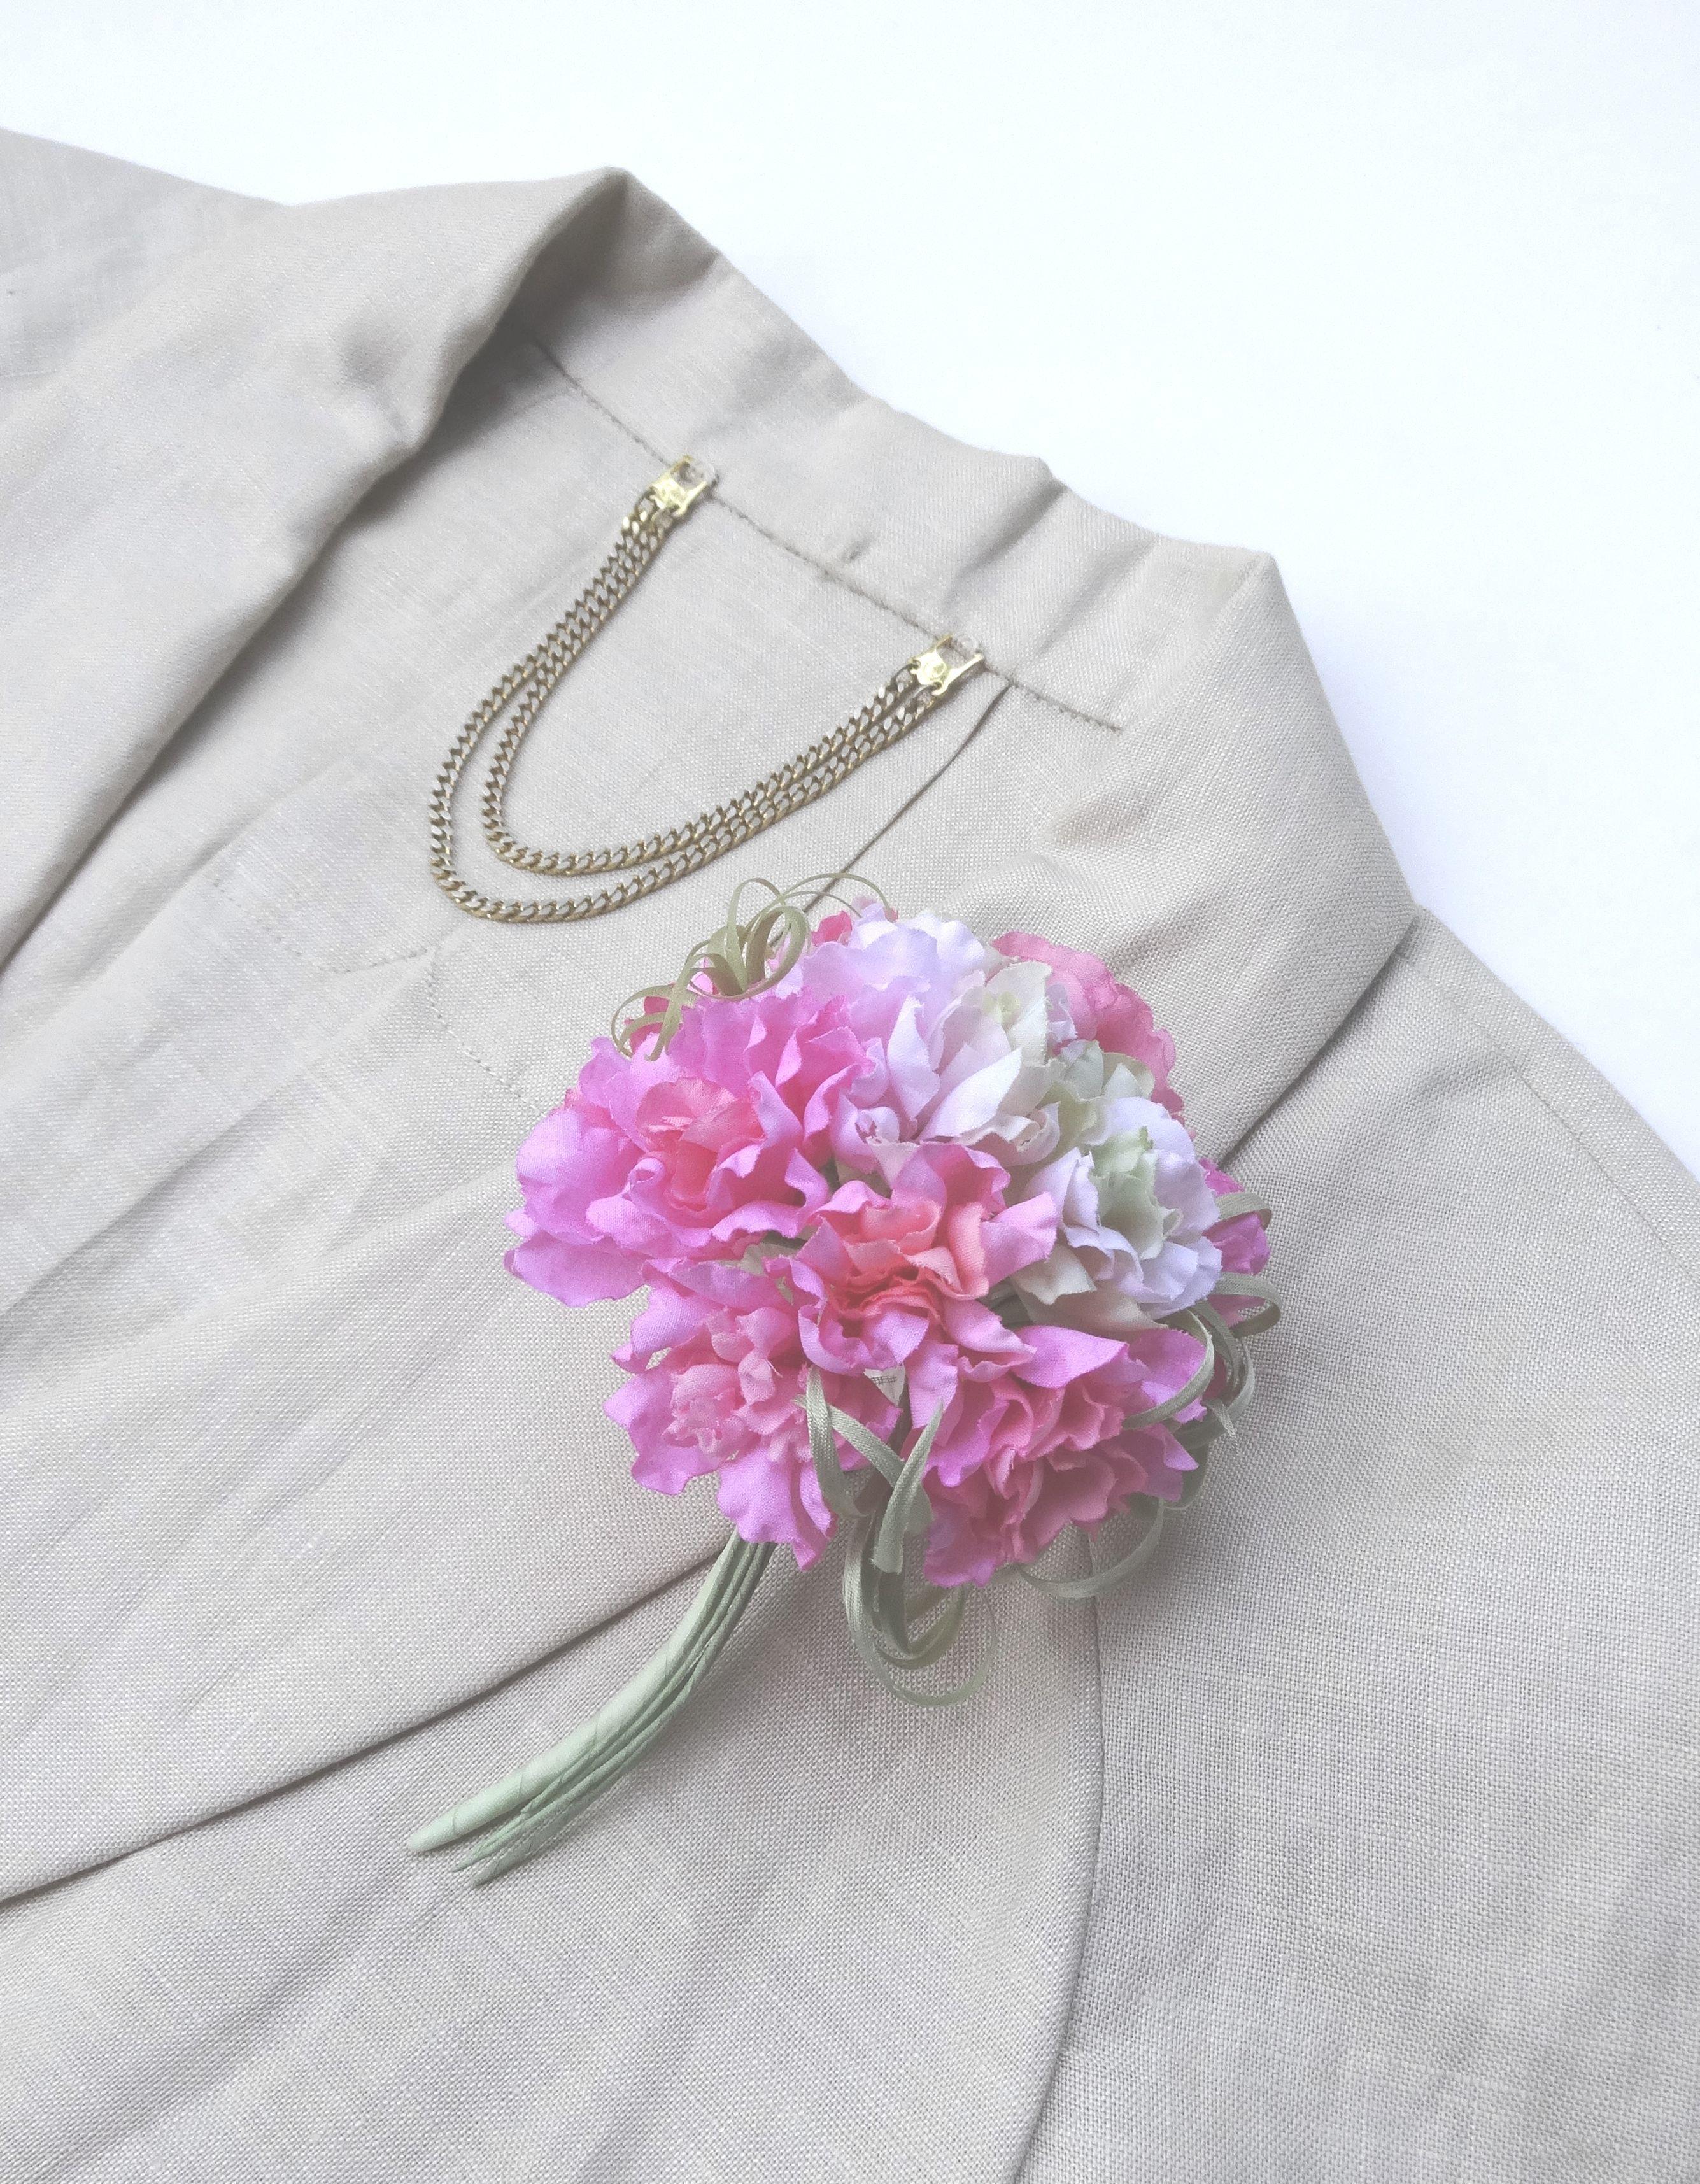 フリル小花のポンポン カーネーション風 ピンクmix * 綿ローン製 * コサージュ